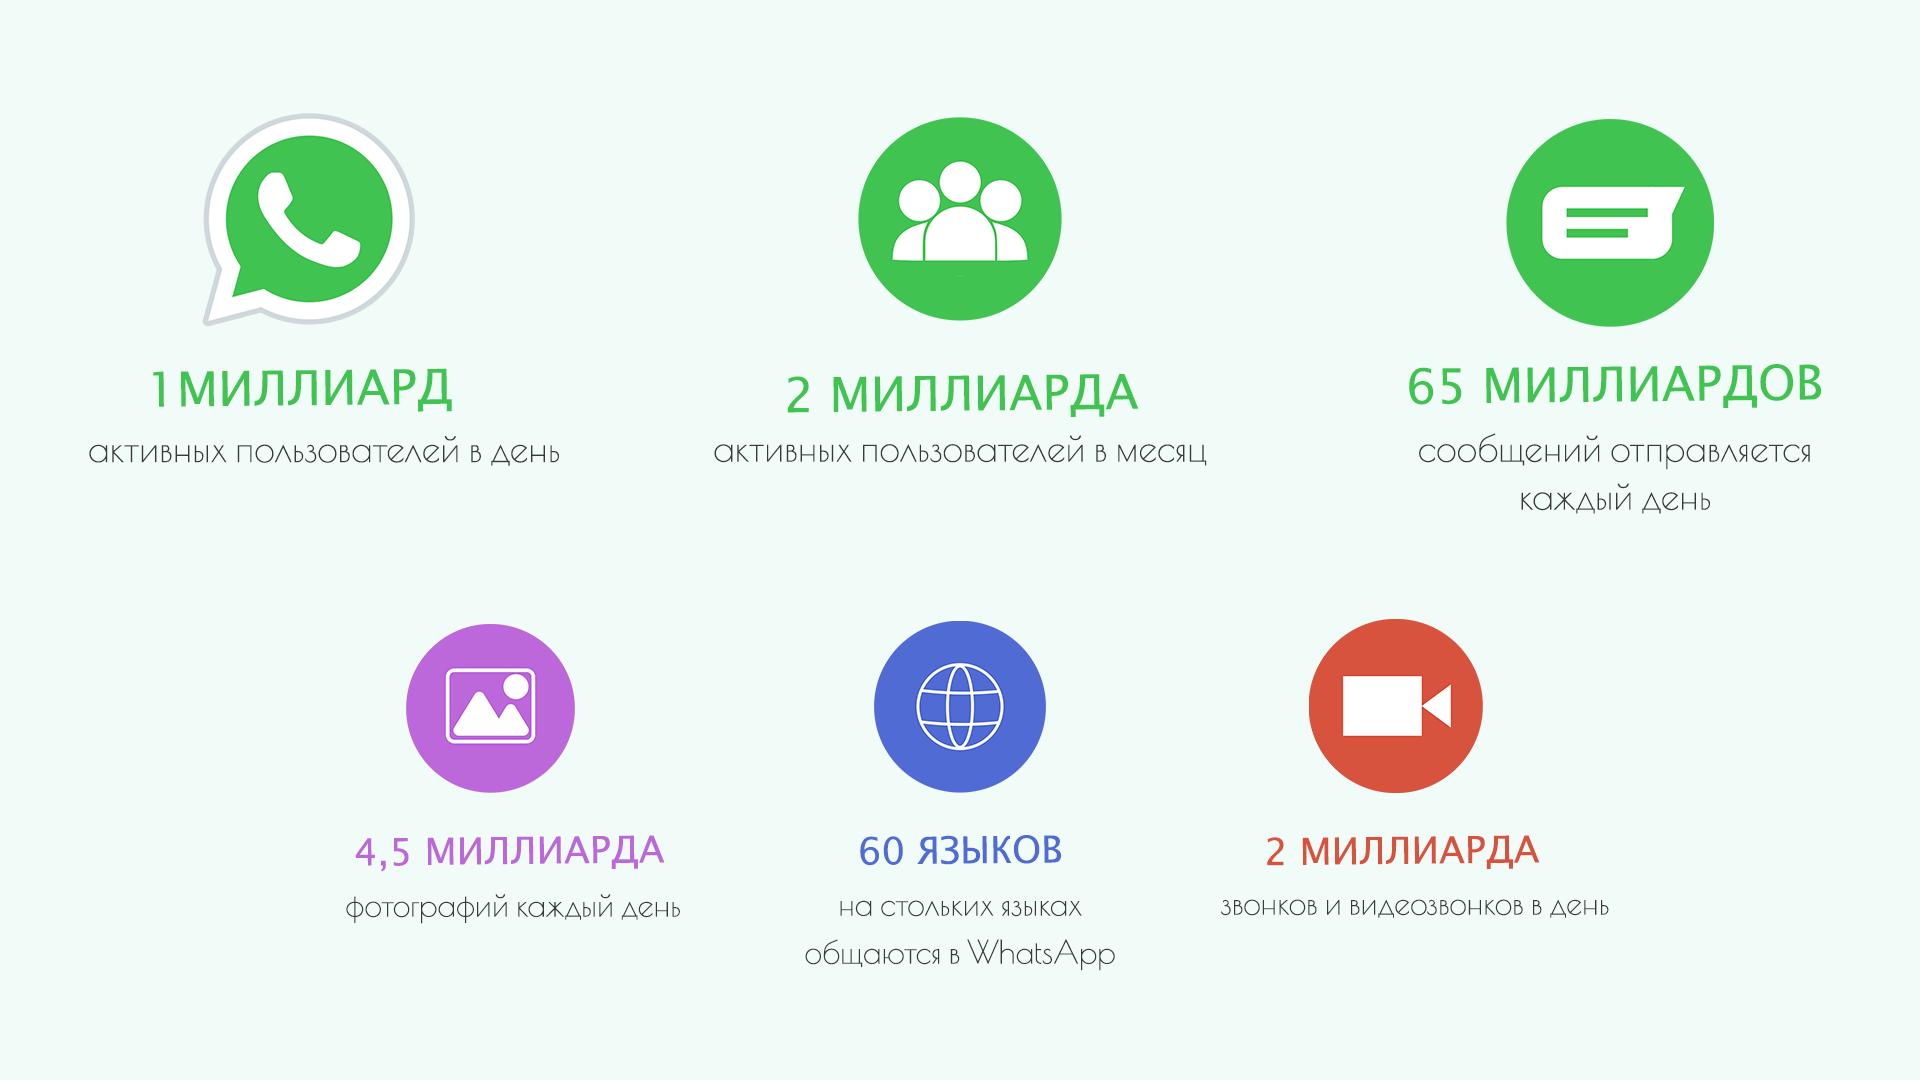 Инфографика WhatsApp